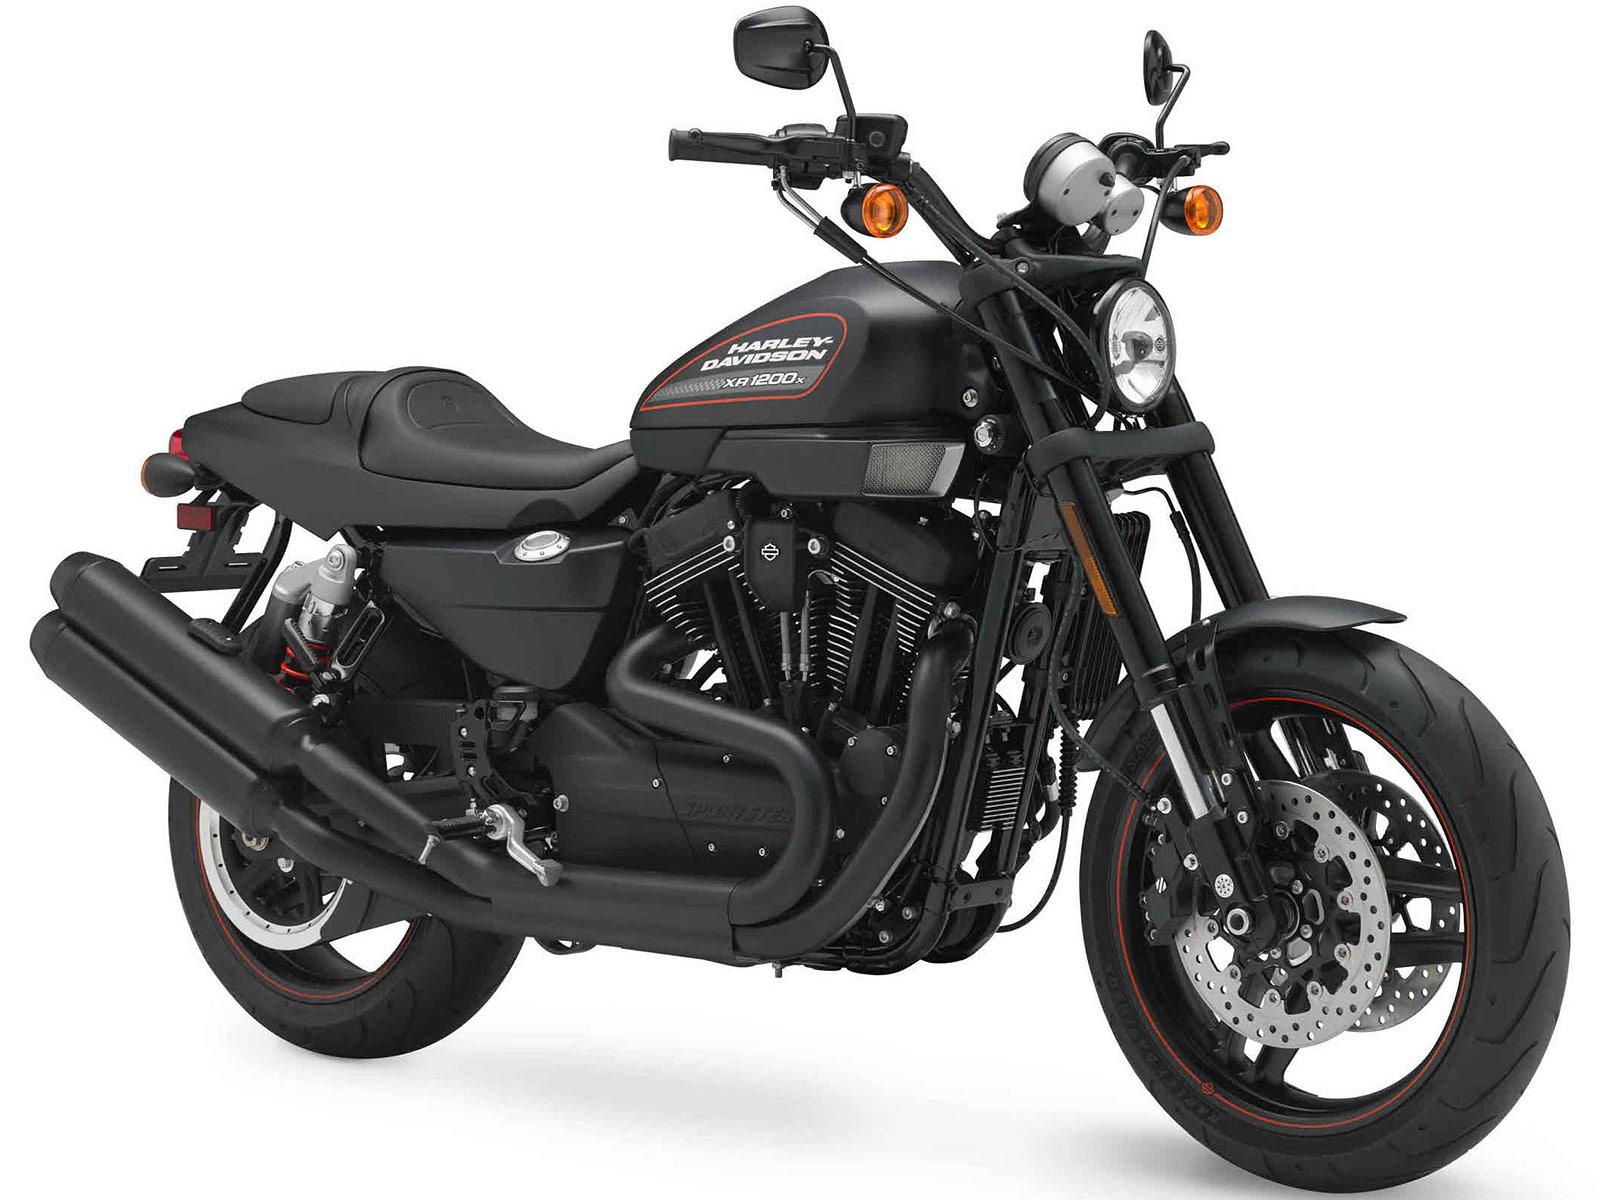 White Harley Davidson: Motorcycles: Black & White Harley Davidson Wallpapers